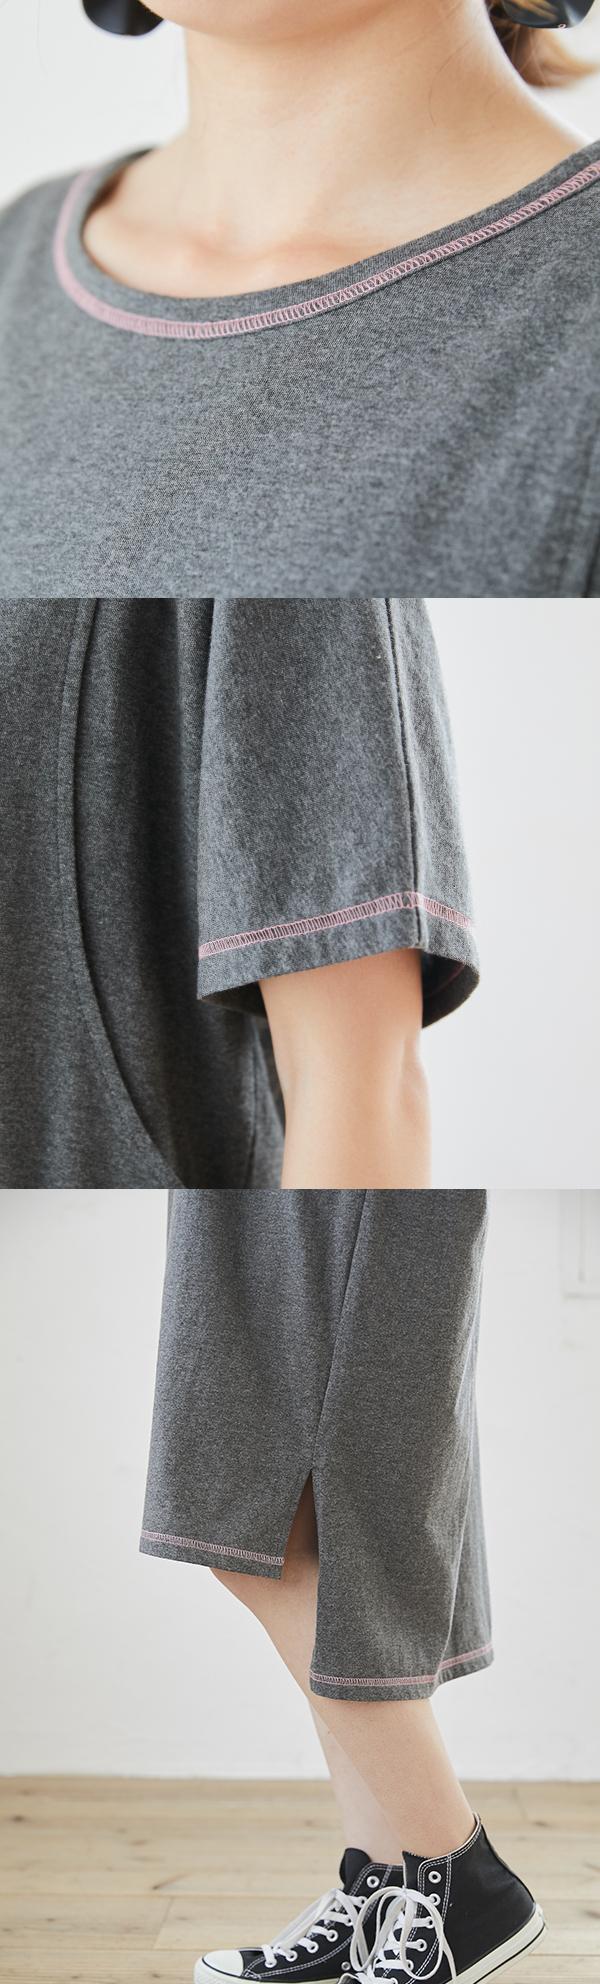 カラーステッチTシャツワンピース ボルドー カーキ グレー ブラック サイドスリット 授乳服 授乳 ワンピース ステッチ